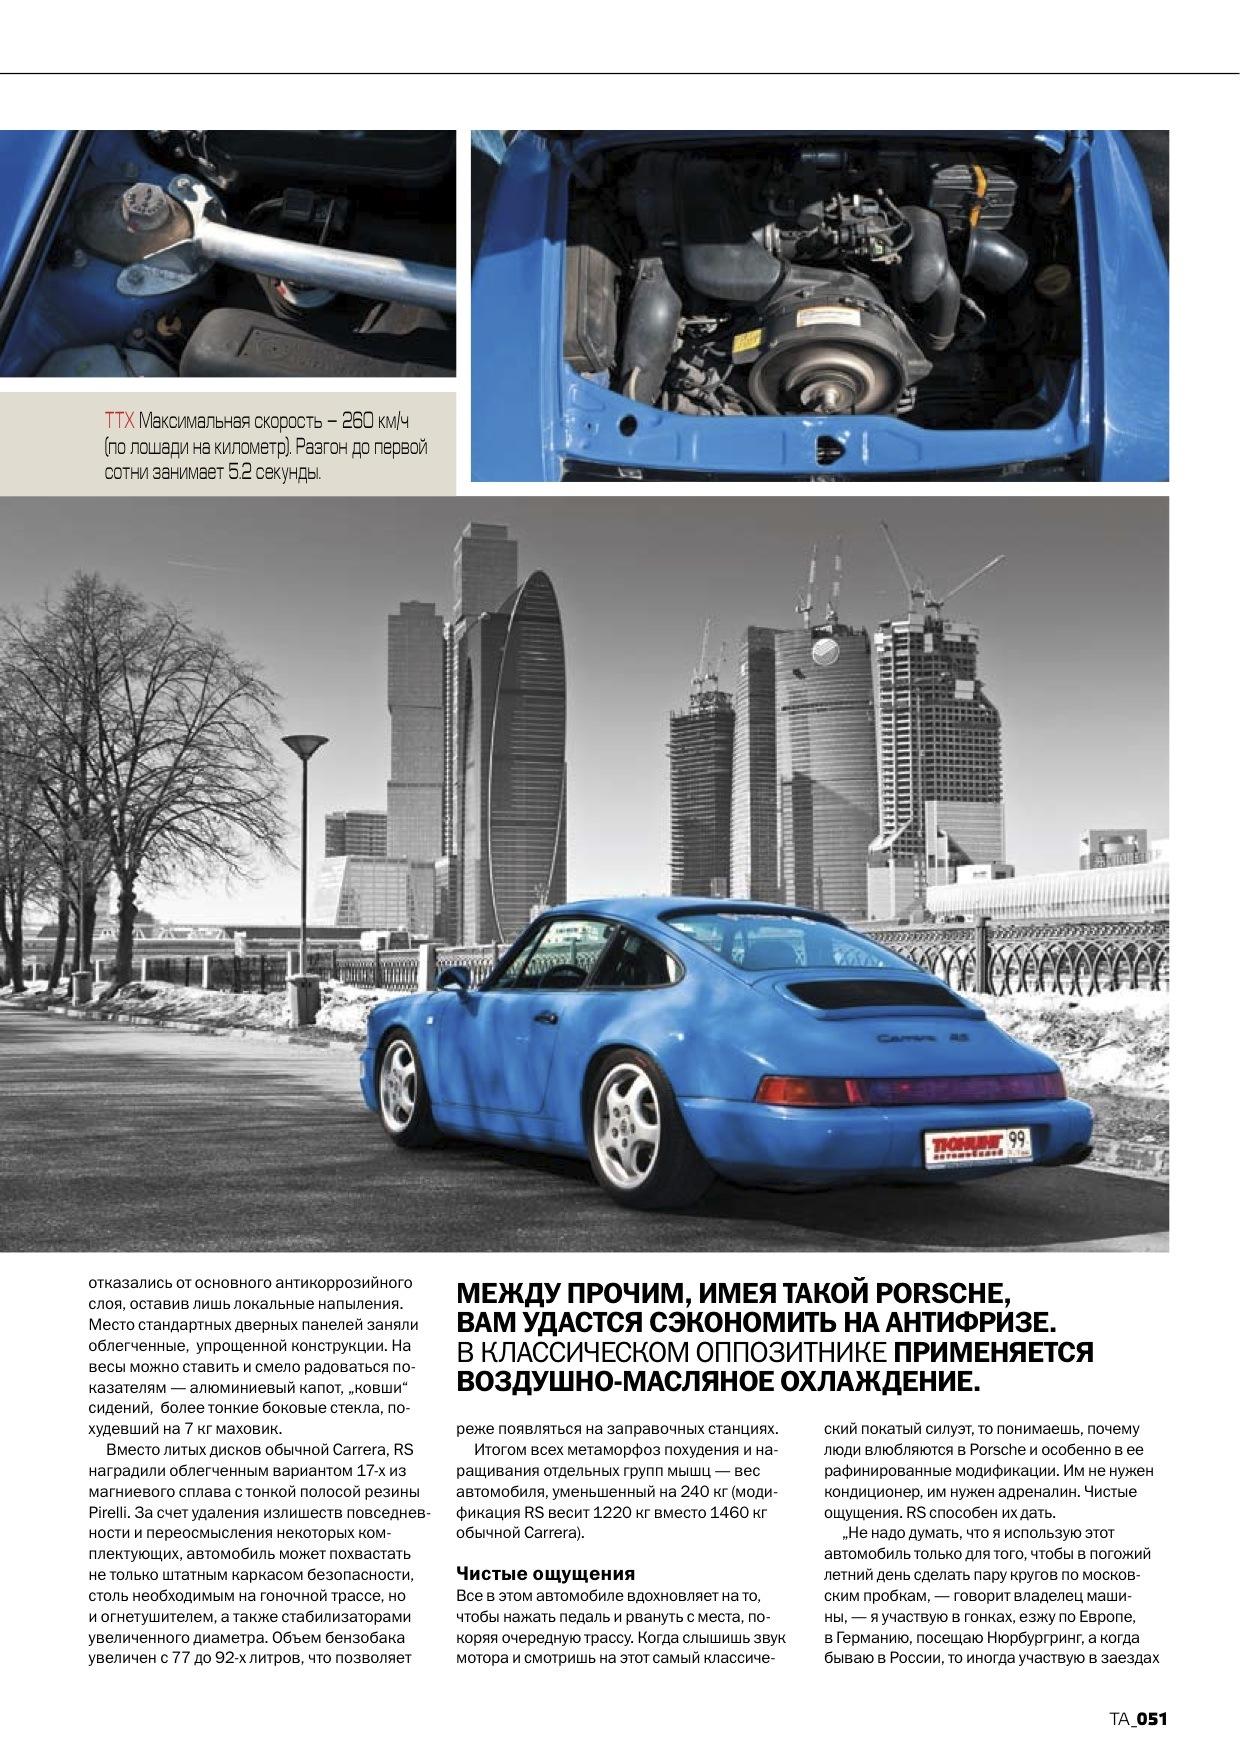 статья про автомобиль porsche